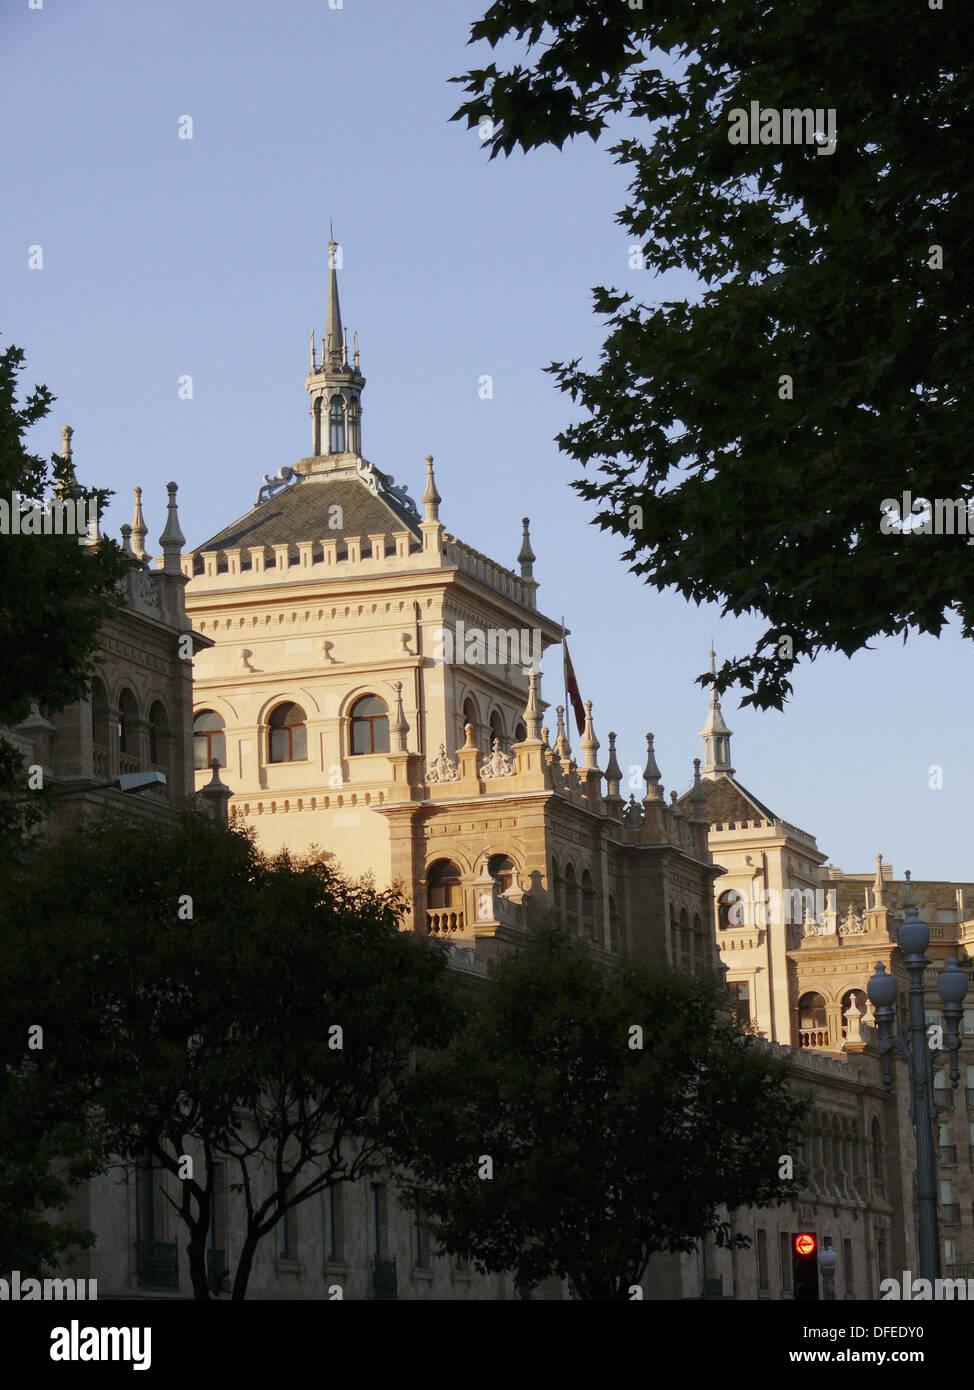 Academia de Caballería, Valladolid. Castilla-Leon, Spain - Stock Image